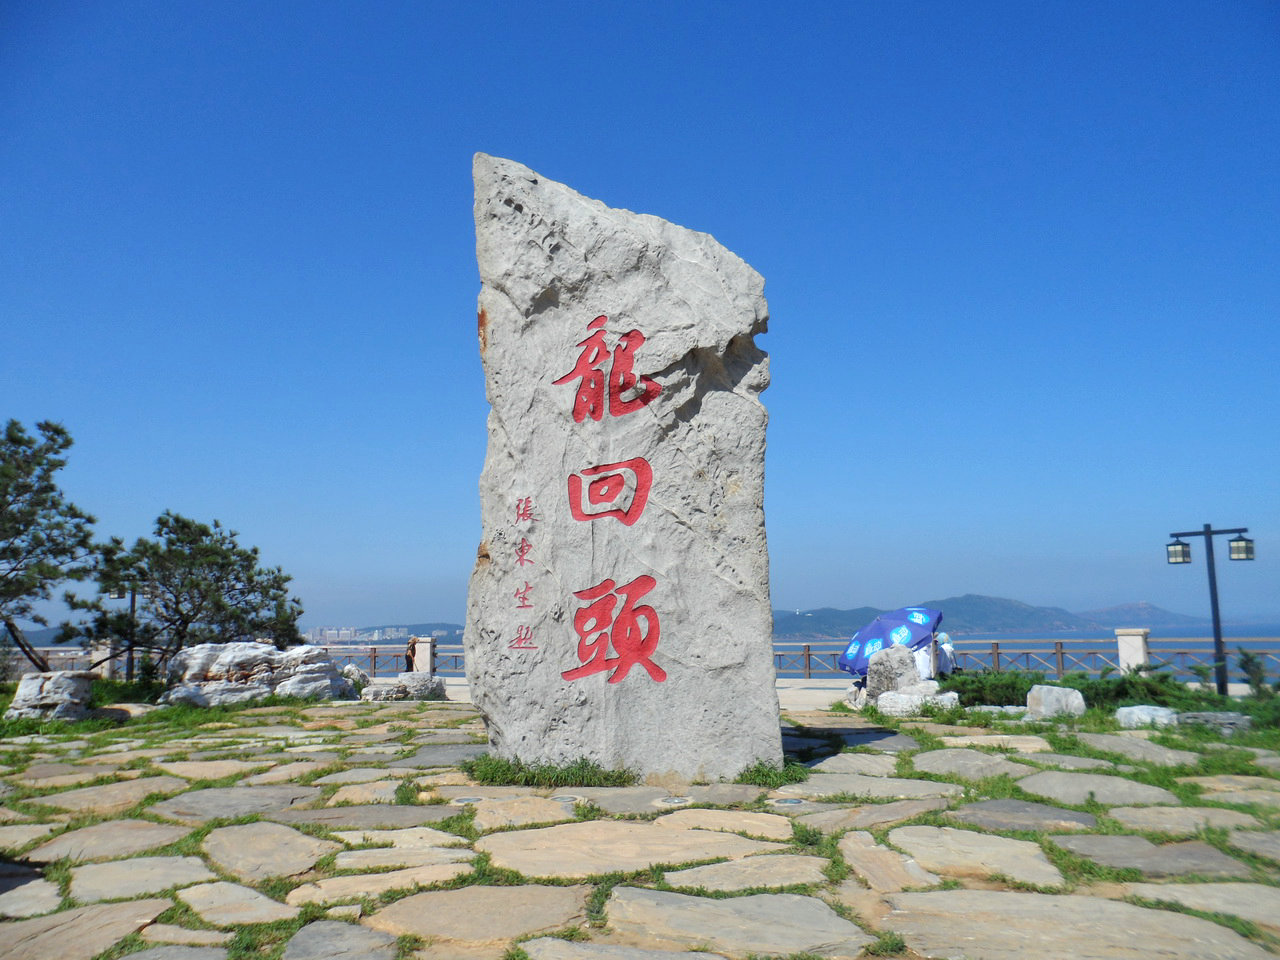 [原创]葫芦岛美景——龙回头